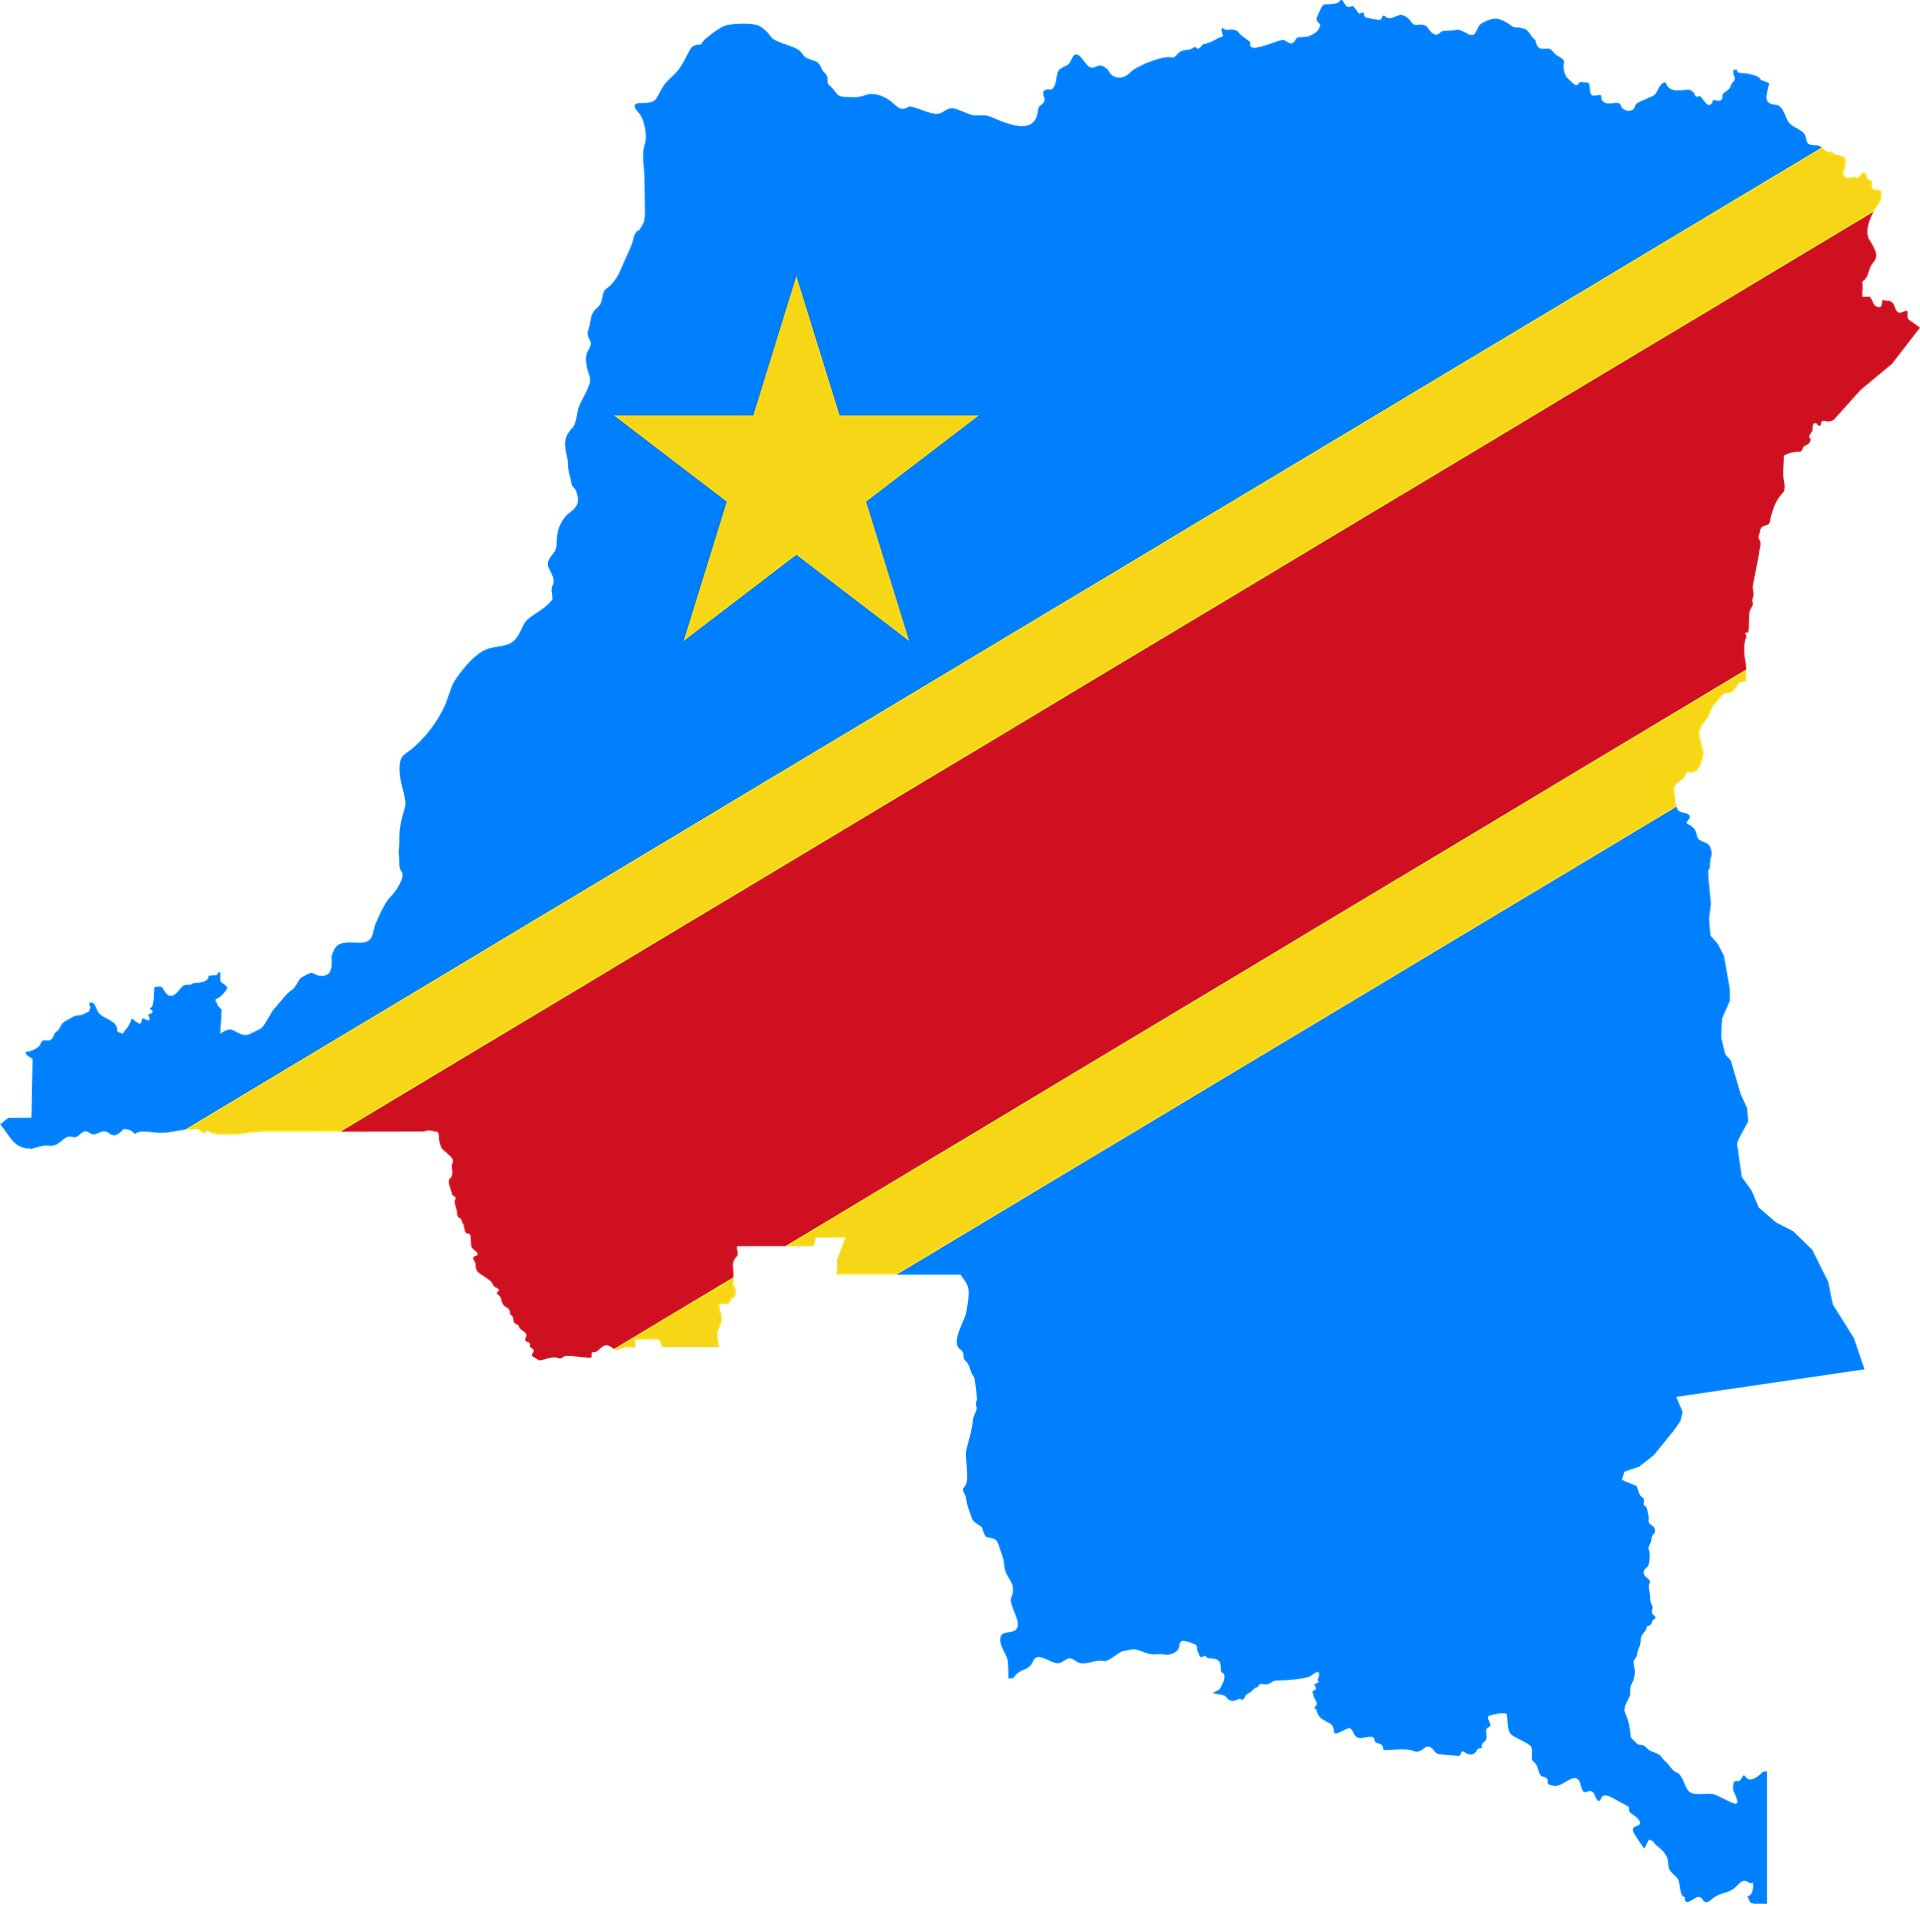 Masern-Ausbruch tötet mehr als 4.000 im Kongo in diesem Jahr